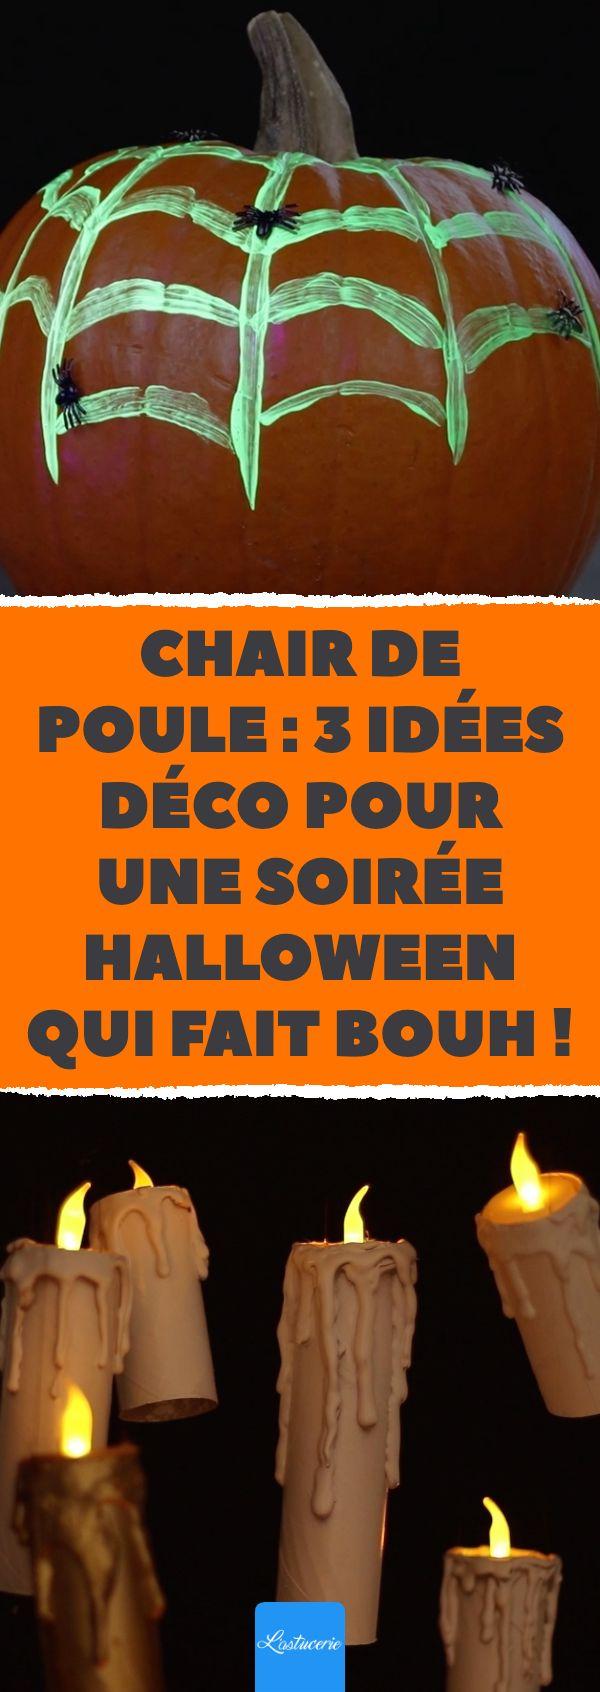 Chair de poule 3 idées déco pour une soirée Halloween